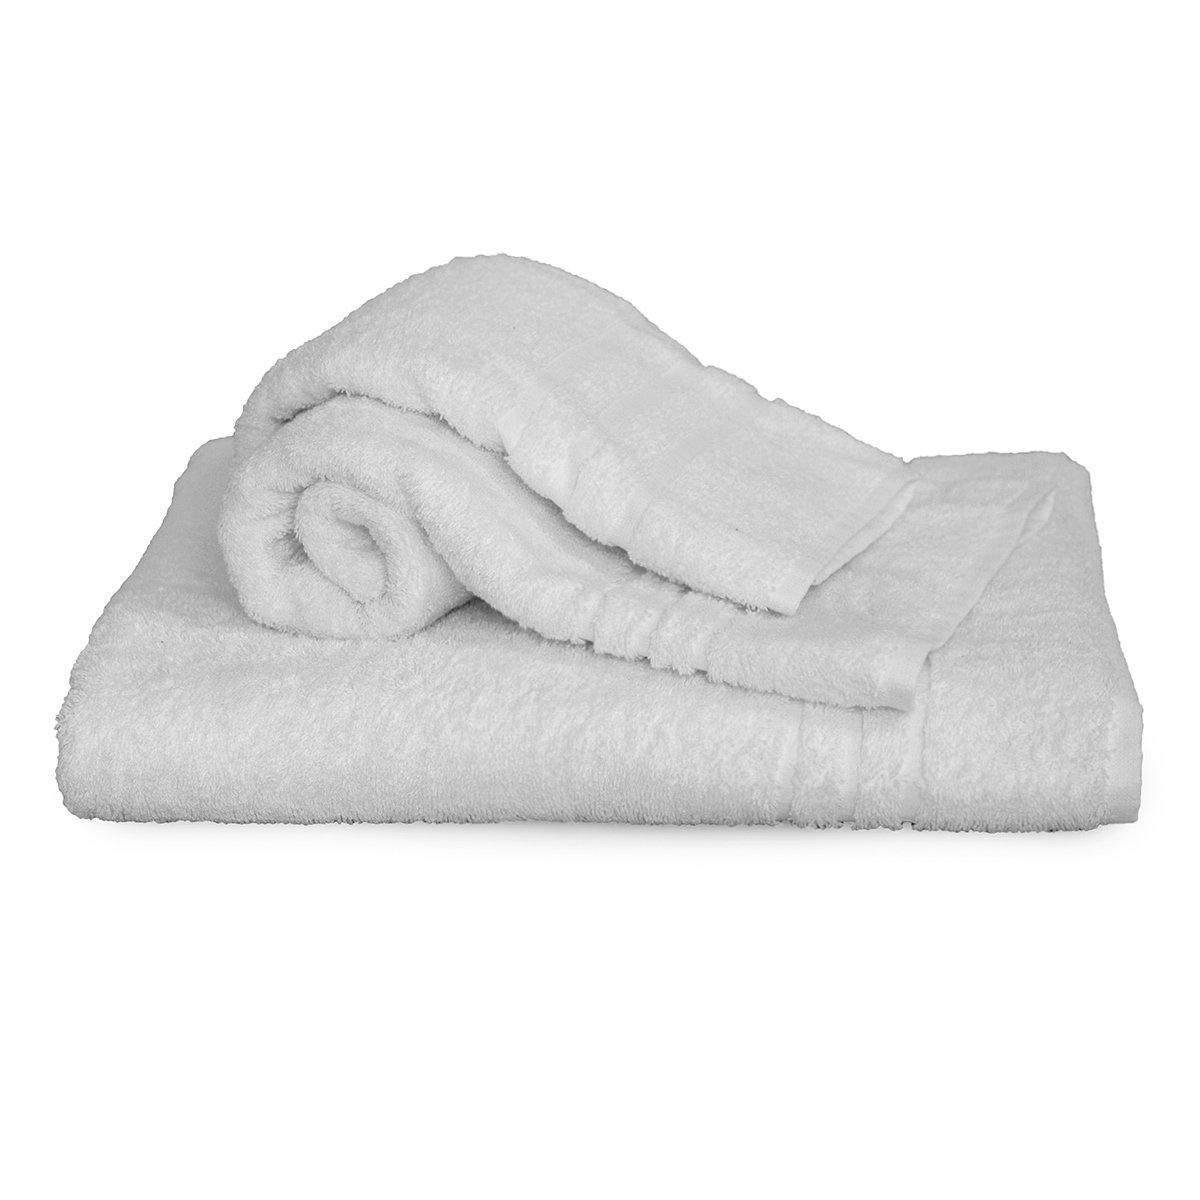 10 toallas de ducha, 10 toallas de manos, 10 toallas de invitados, rizo 100 Cot Hotel BB H165: Amazon.es: Hogar